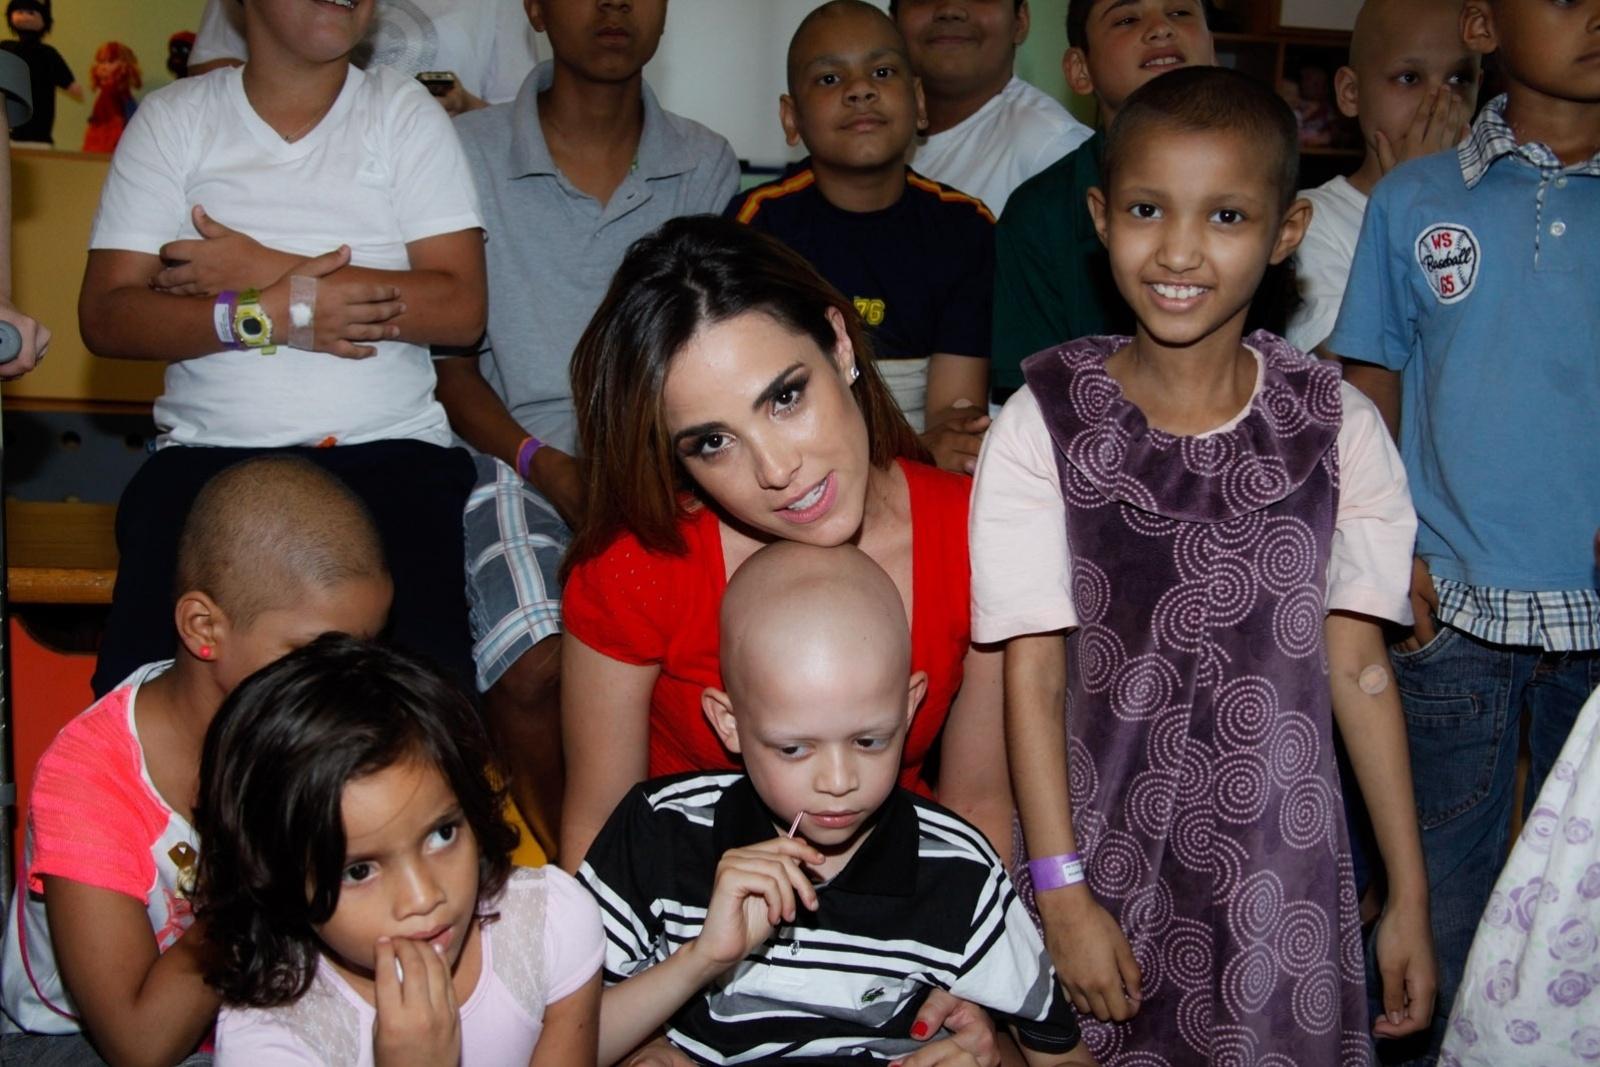 21.nov.2013 - Na manhã desta quinta, a cantora Wanessa Camargo, que está grávida pela segunda vez, visitou crianças em tratamento contra o câncer no Hospital do GRAACC, no bairro da Vila Clementino, em São Paulo